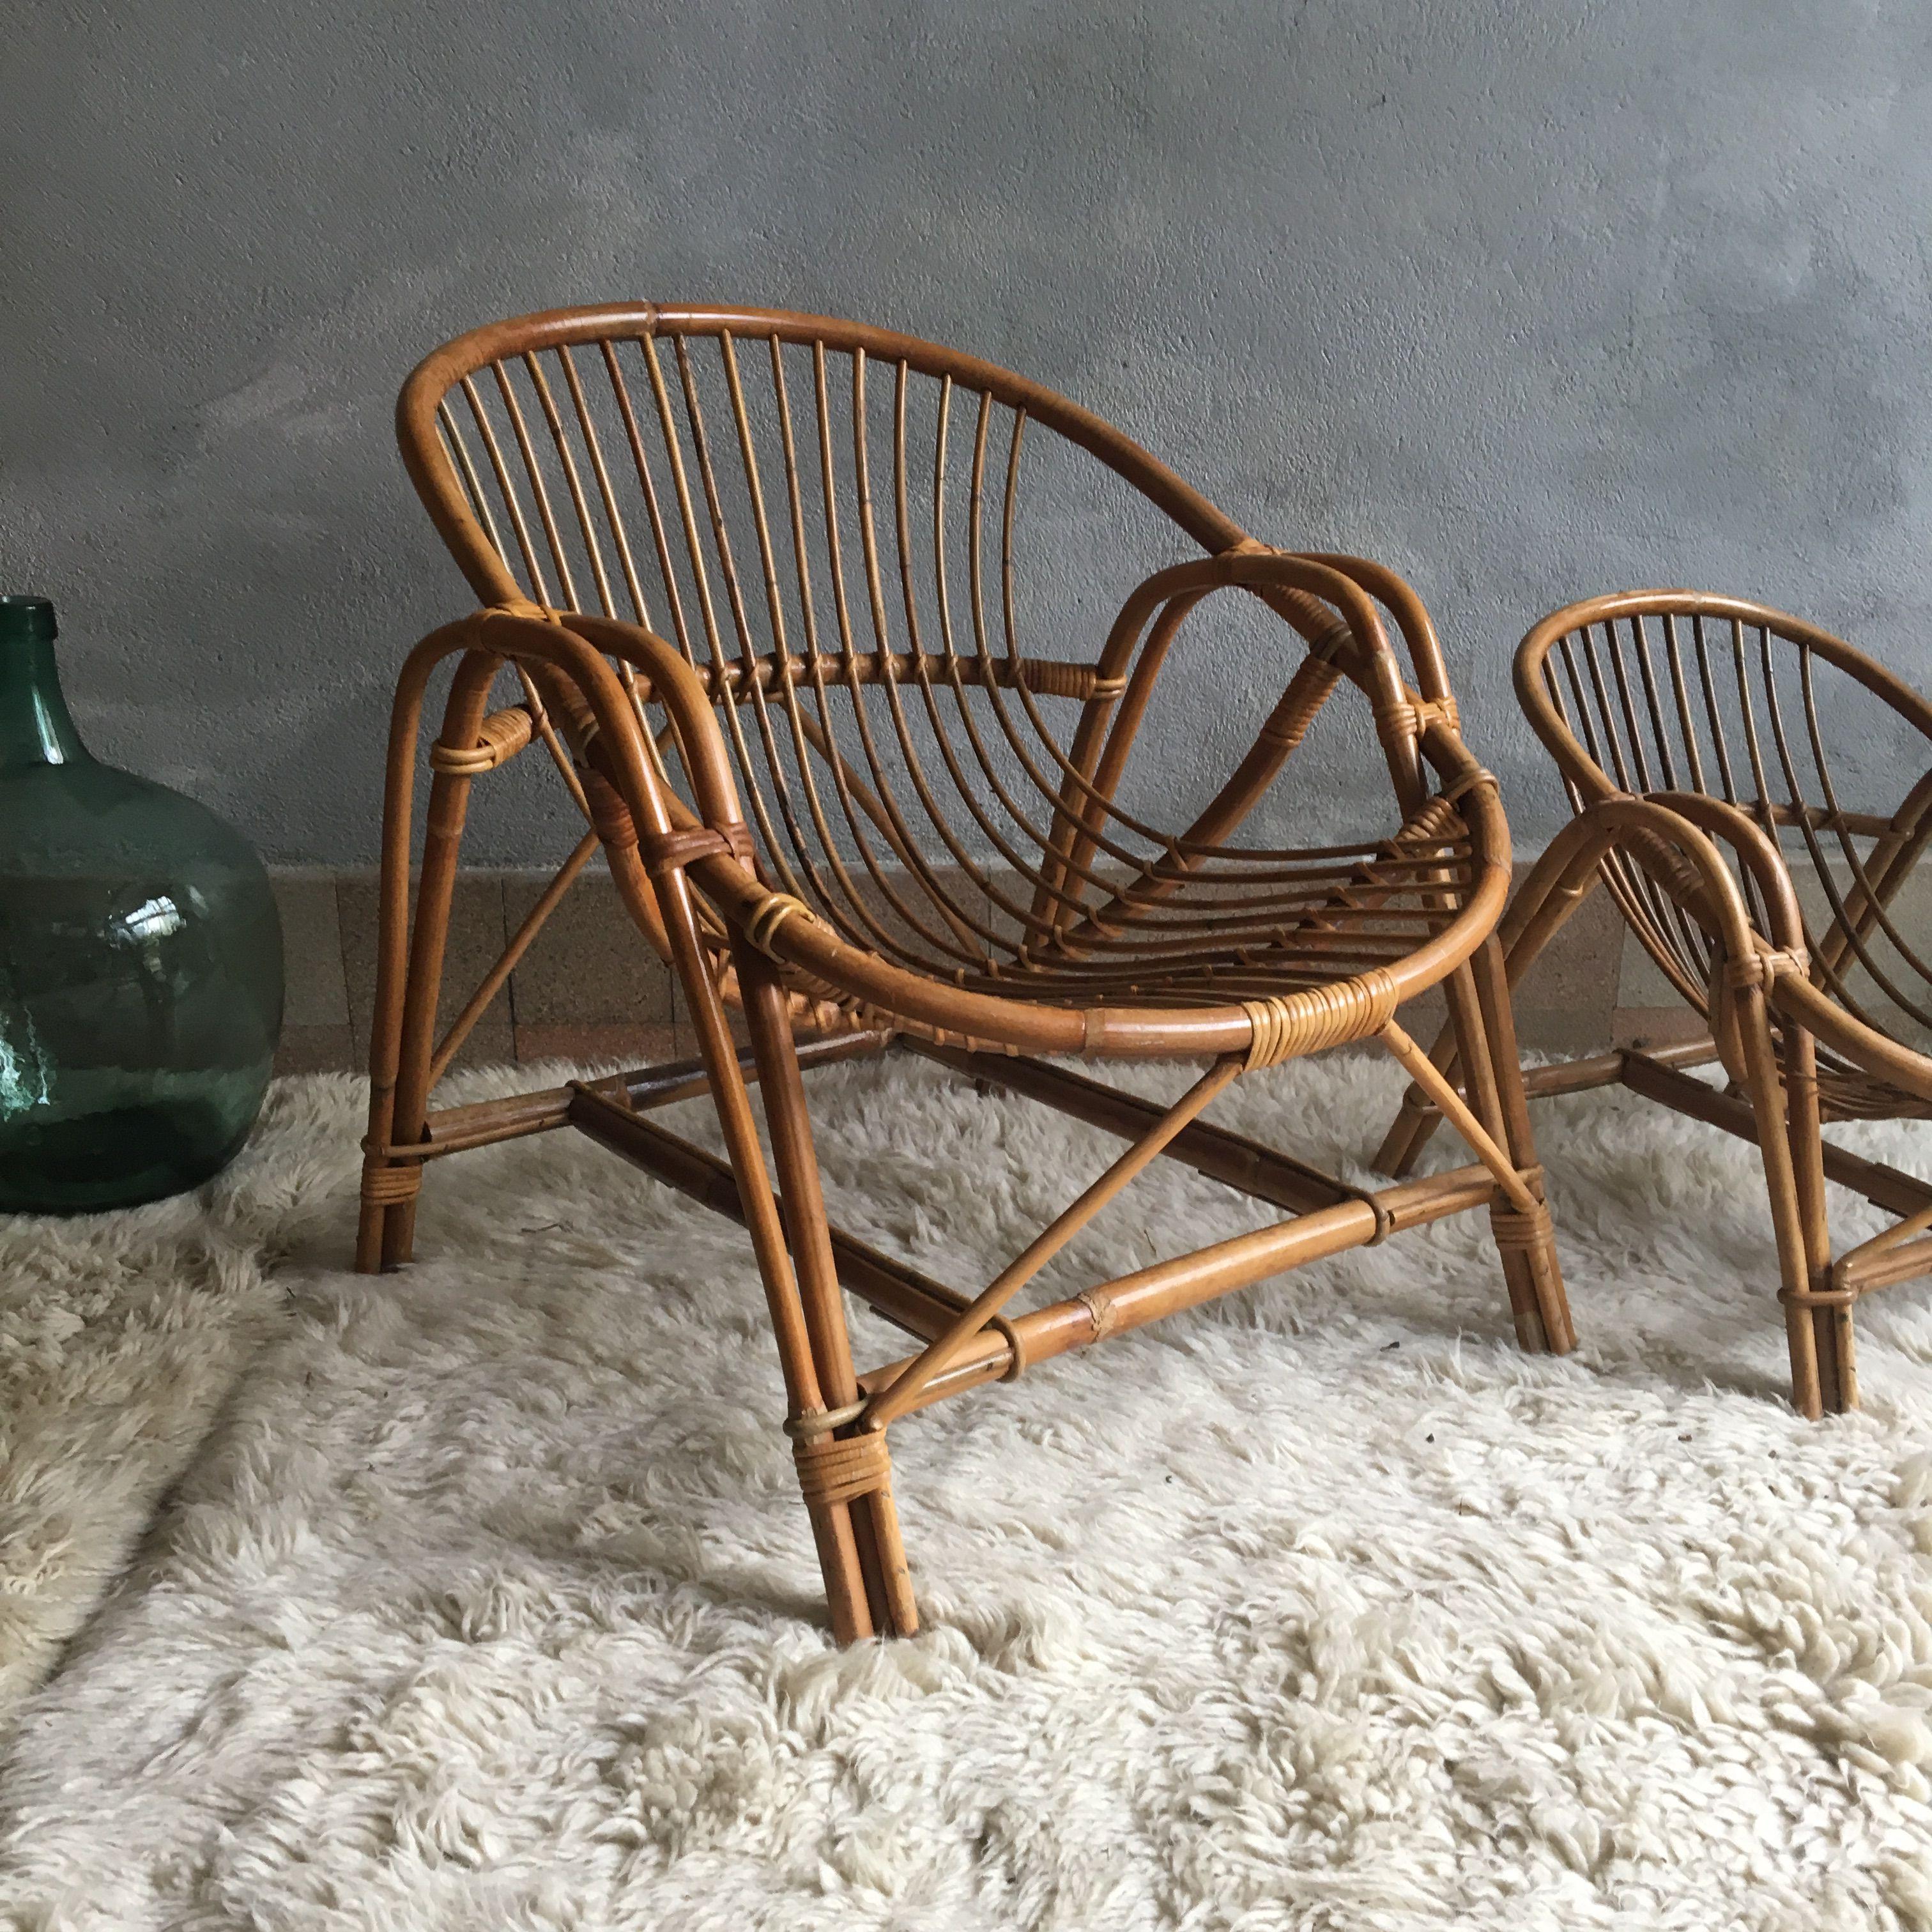 Epingle Par Gisella Lynn Sur Latest Finds From E Store La Petite Brocante Net Meuble Vintage Mobilier De Salon Fauteuil Rotin